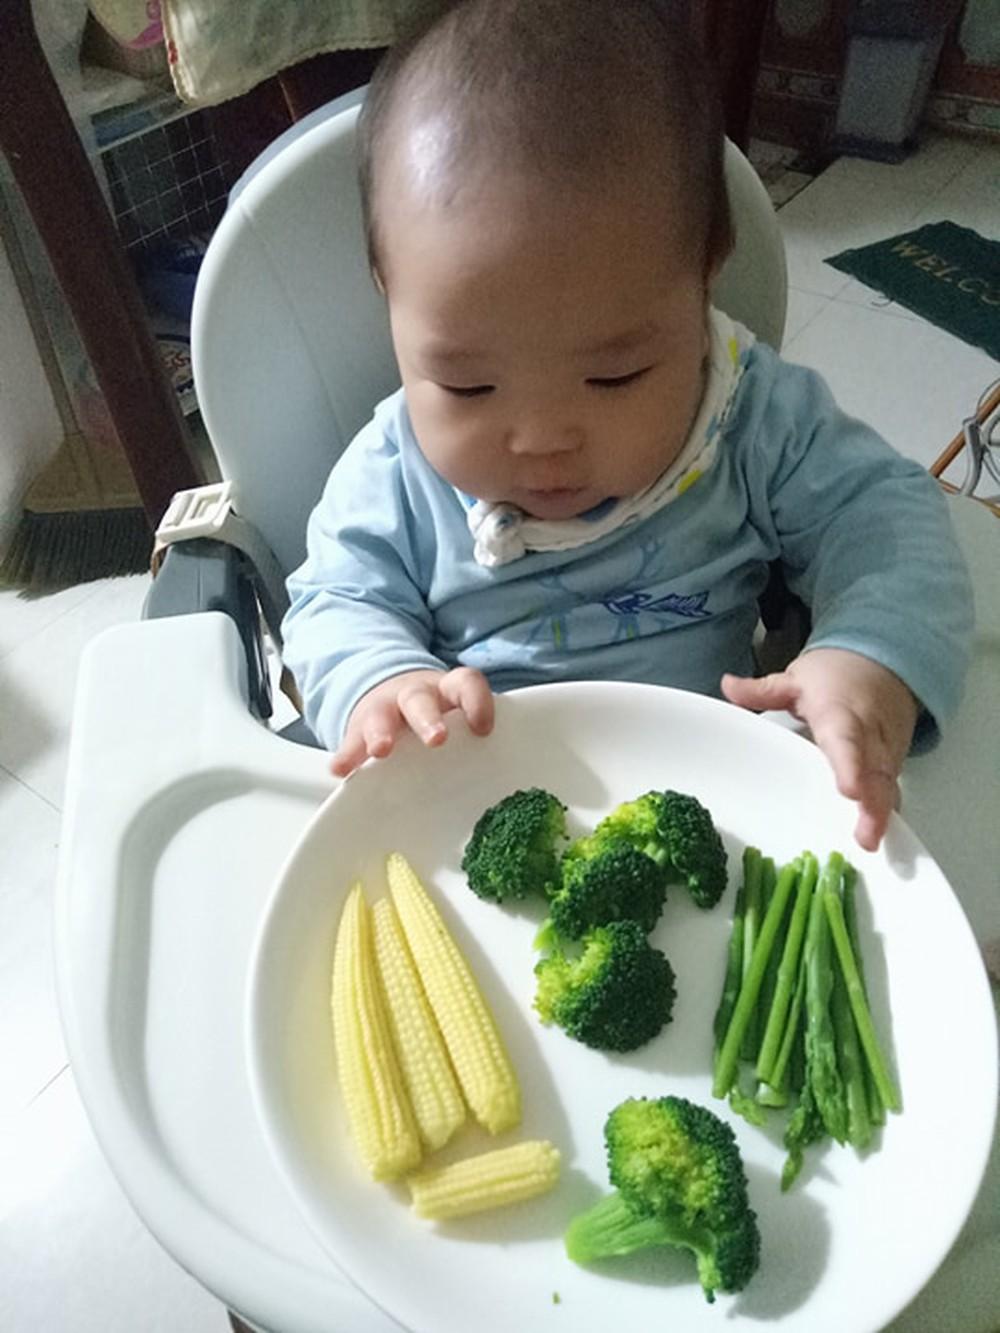 Chuyên gia Viện dinh dưỡng mách mẹ cách cho bé ăn dặm kiểu Nhật